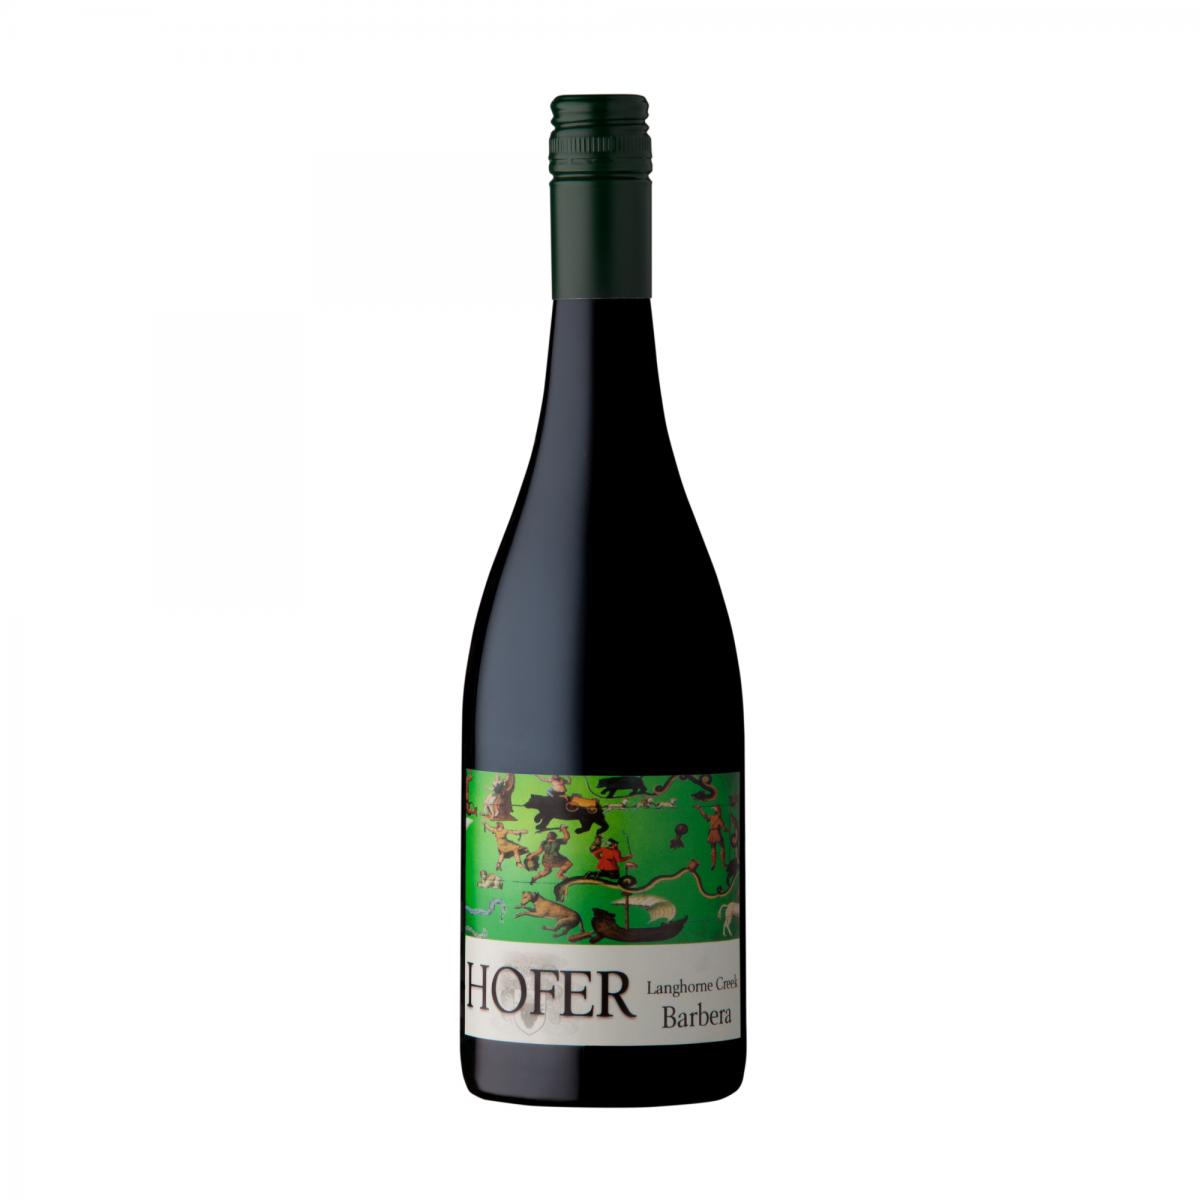 Hofer Barbera 2019